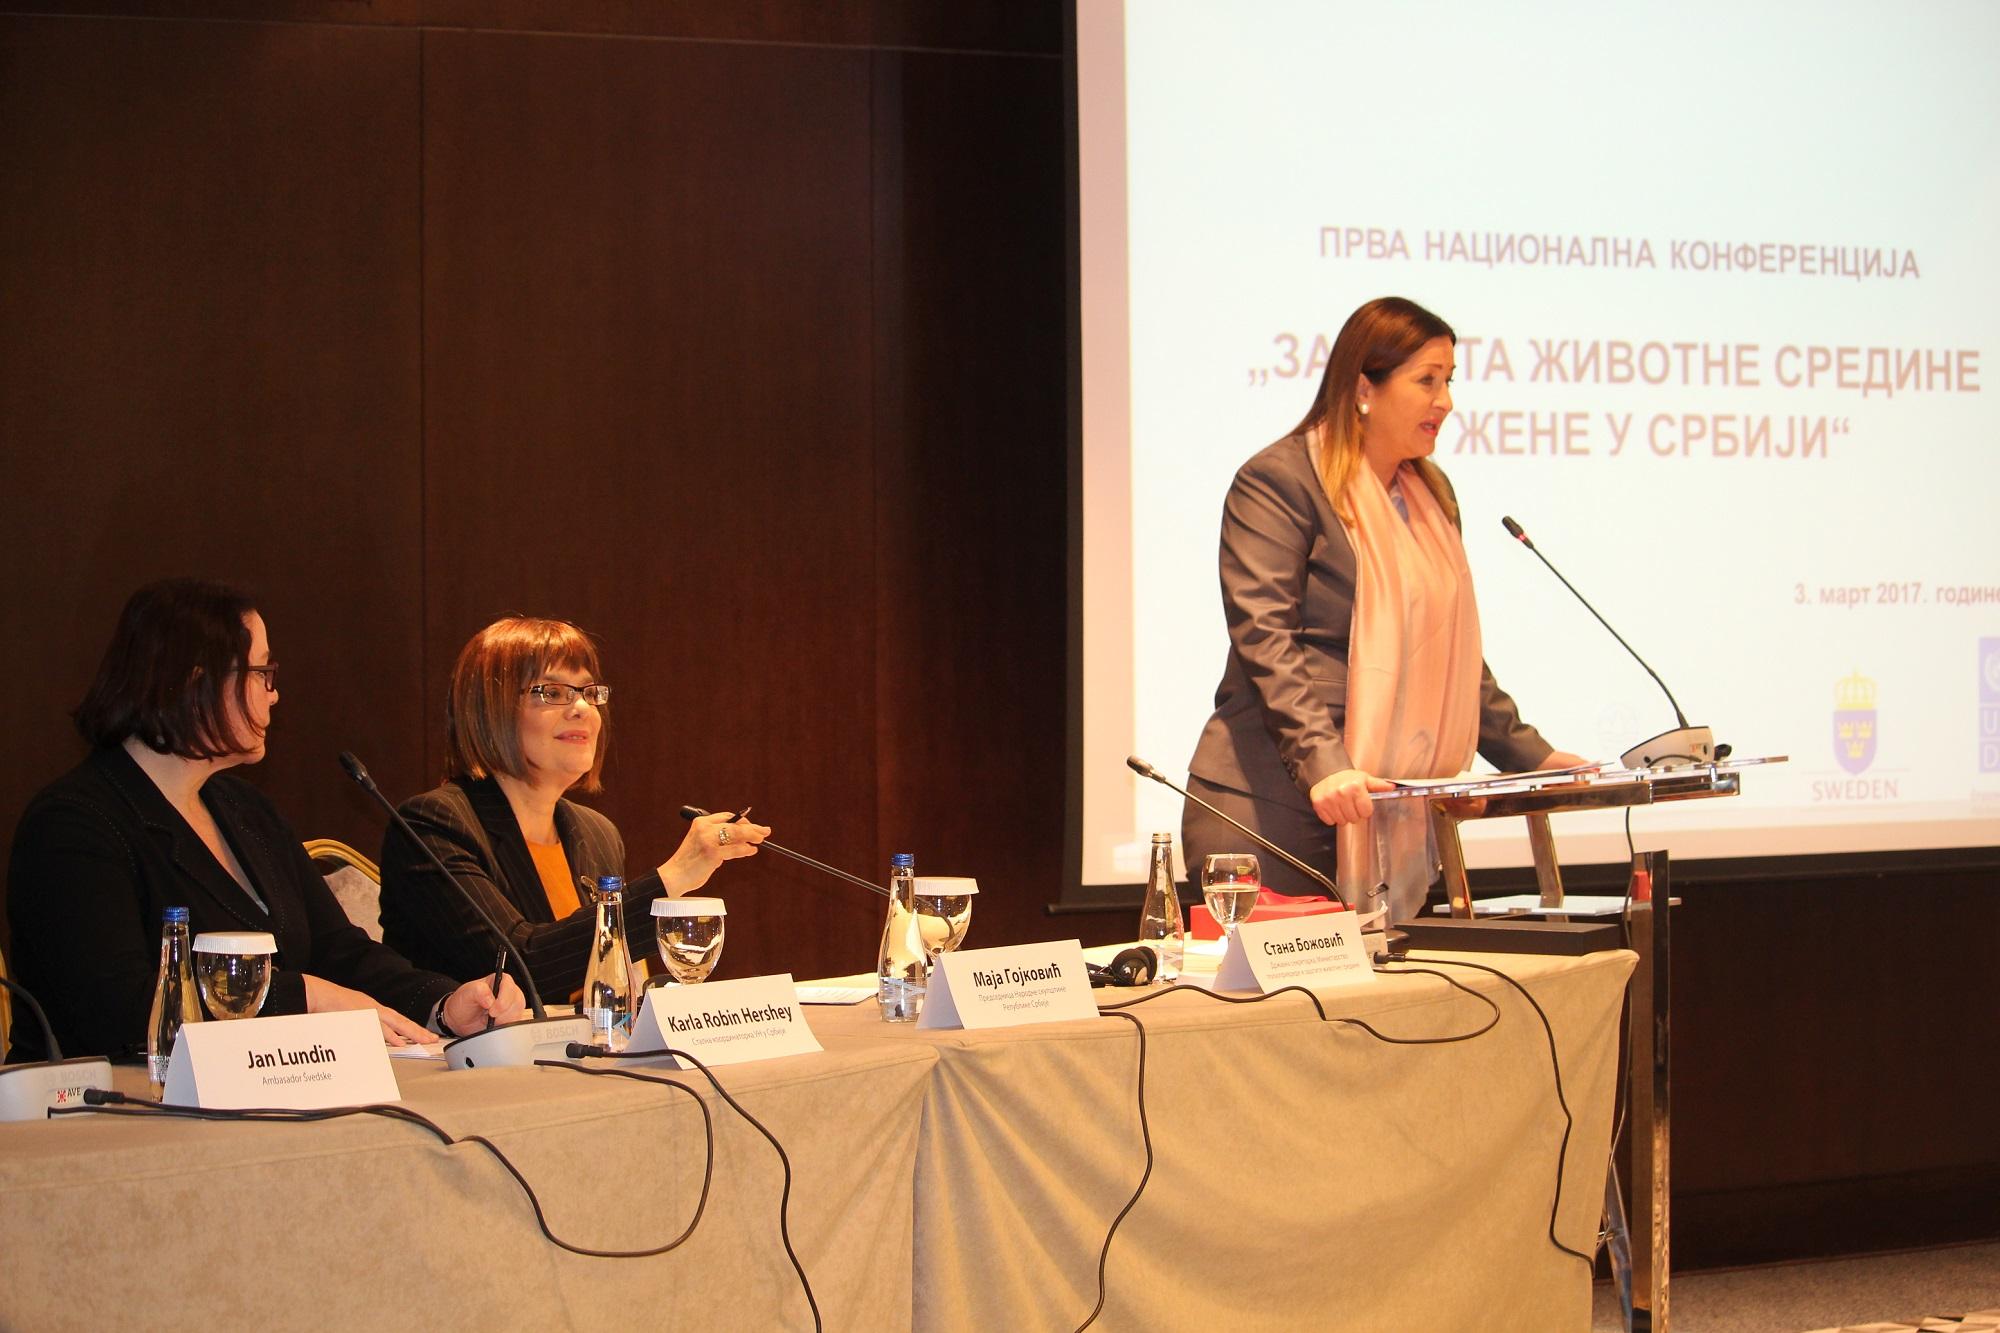 Učesnice-konferencije-Stana-Božović-Maja-Gojković-Karla-Robin-Hershey